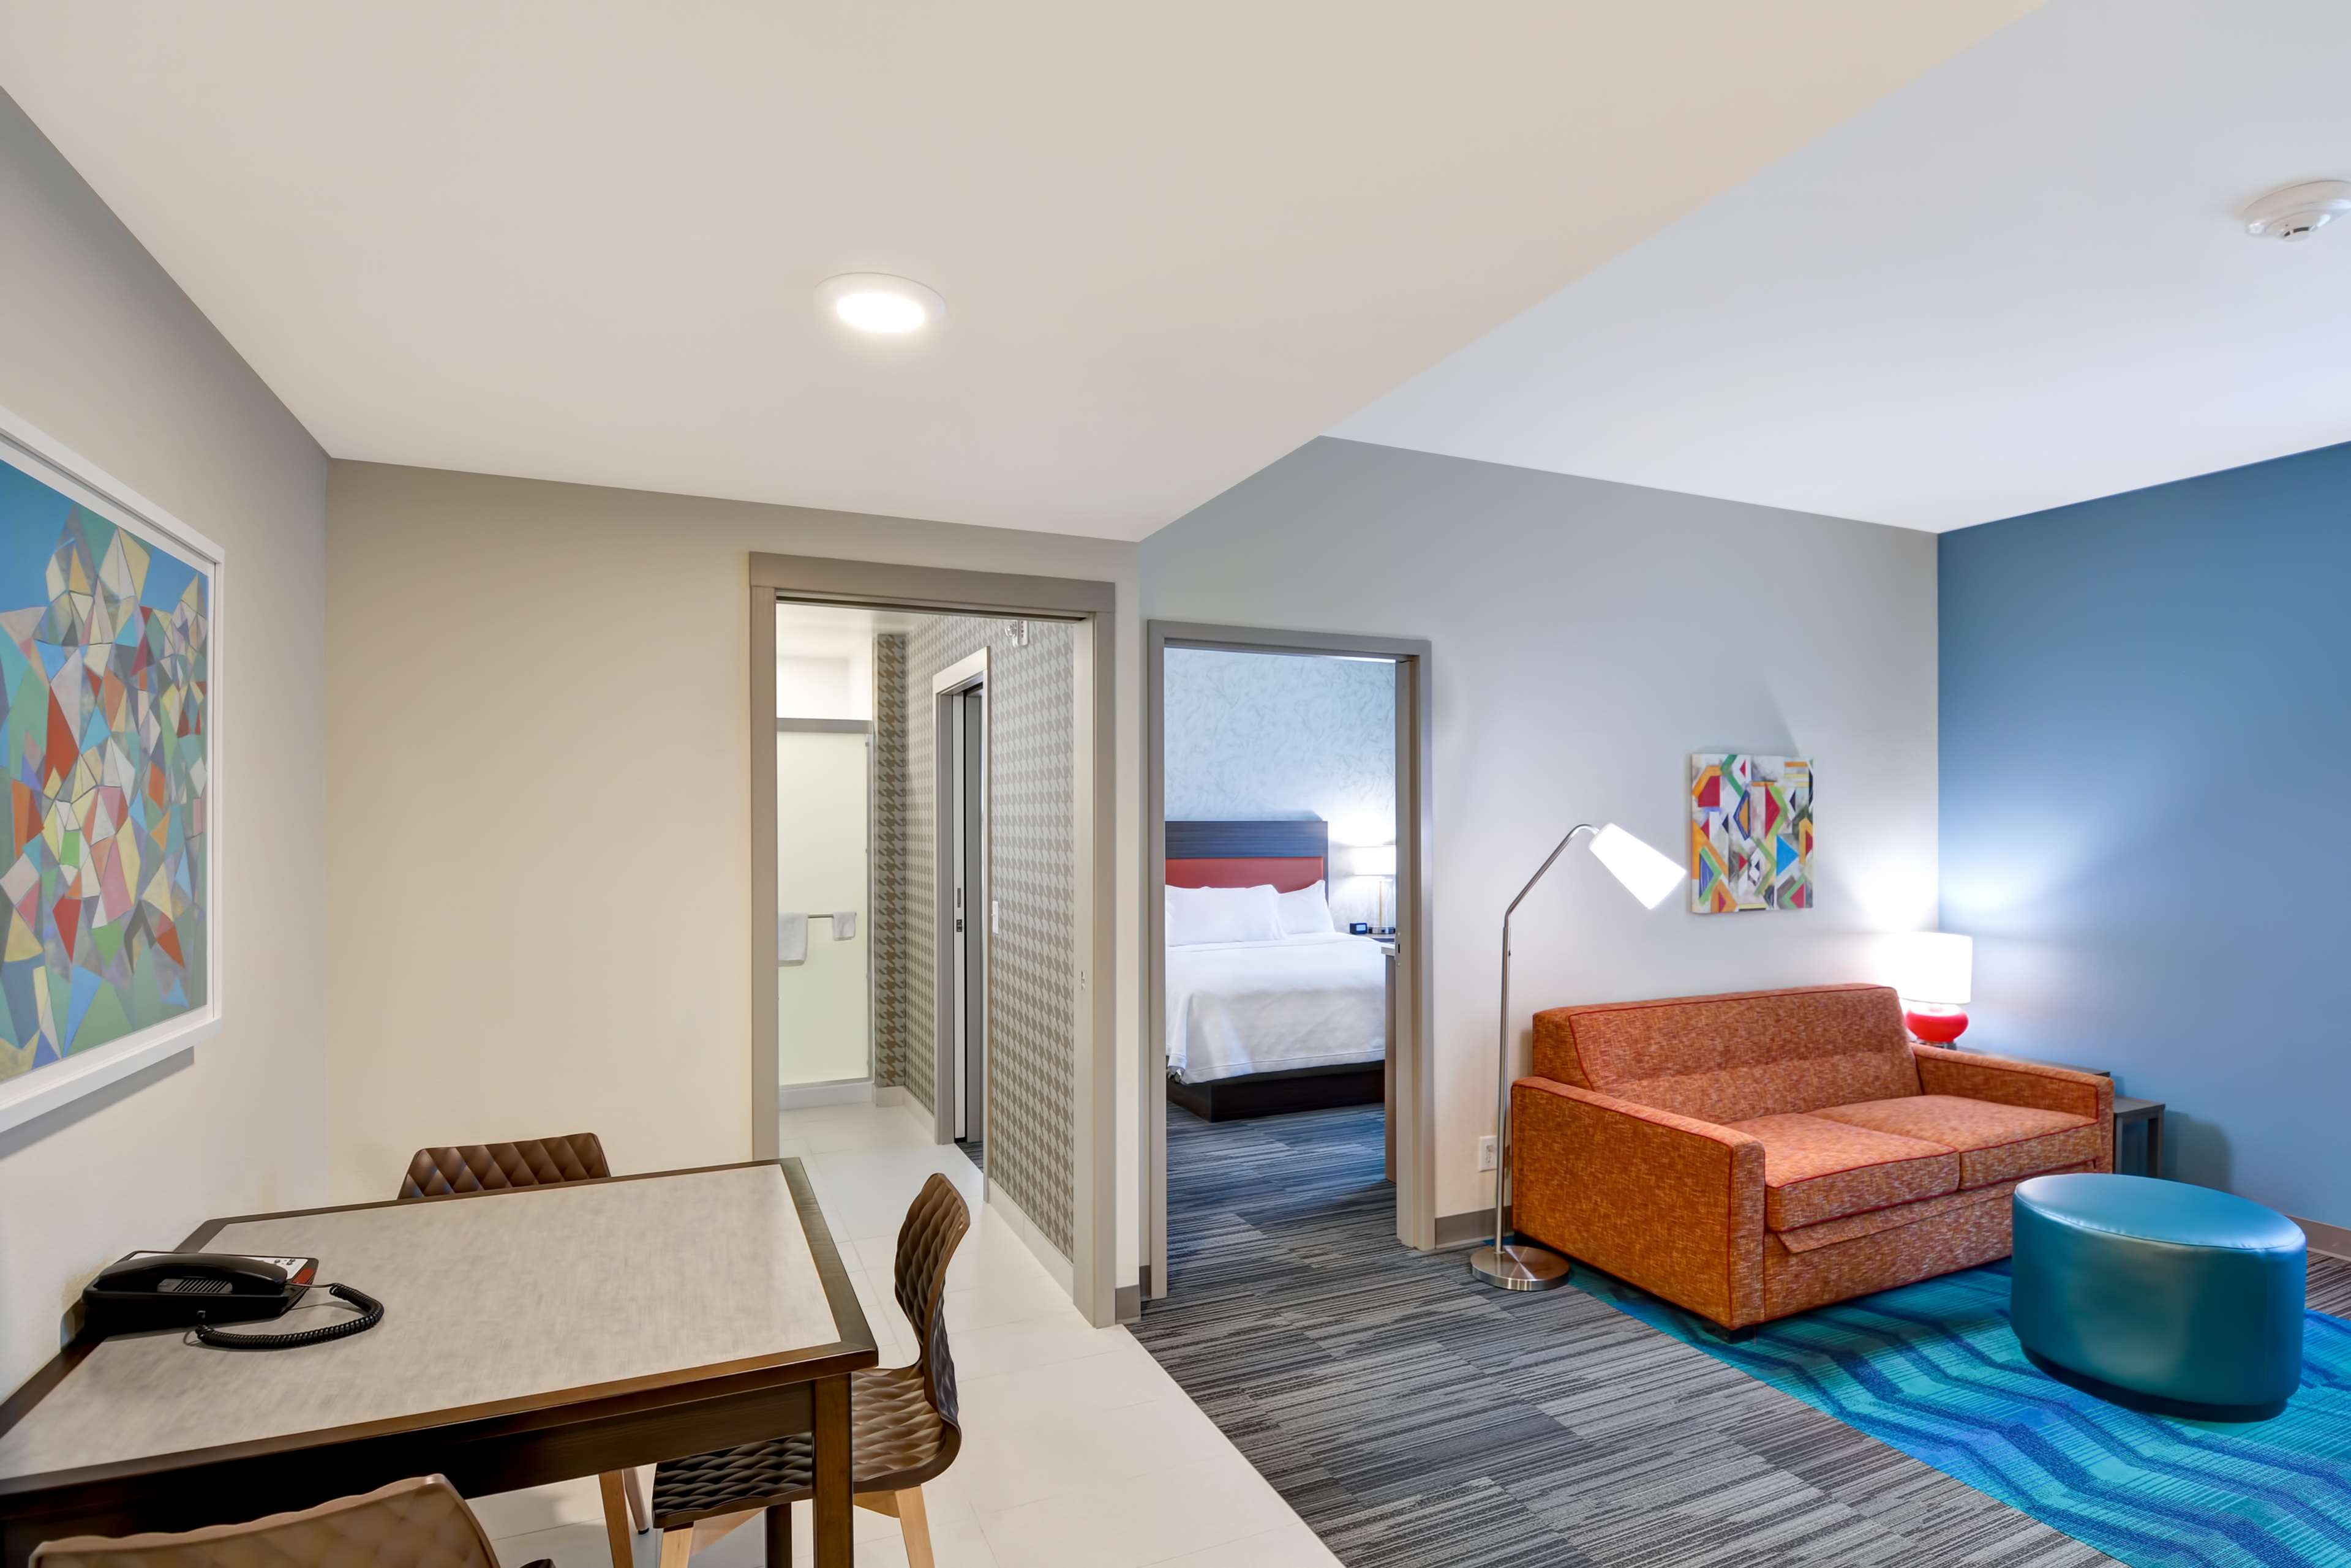 Home2 Suites by Hilton Lafayette image 19